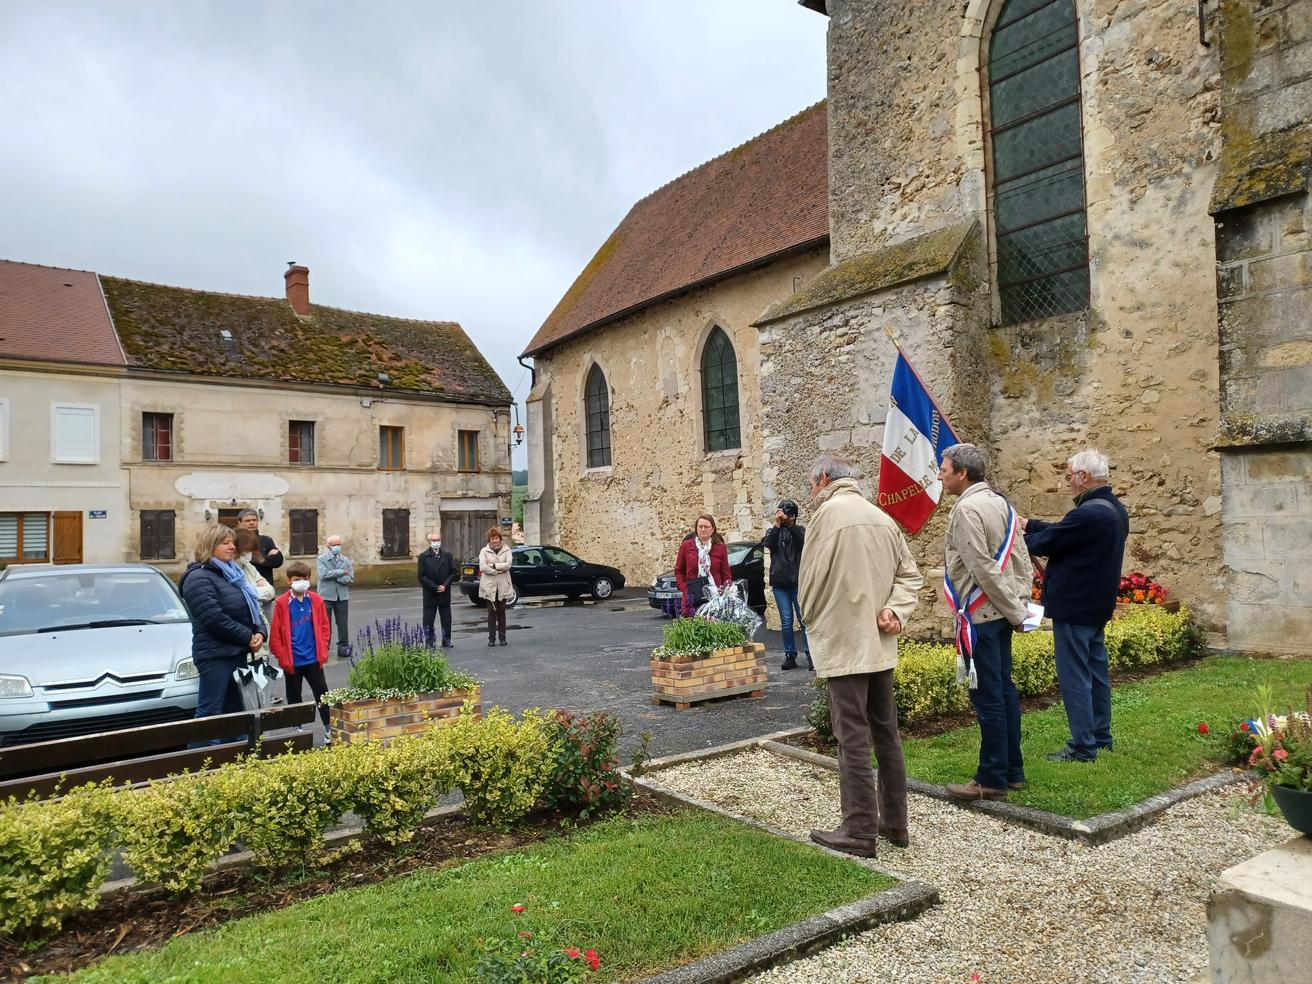 La météo instable n'a certainement pas encouragé les habitants à assister à la cérémonie